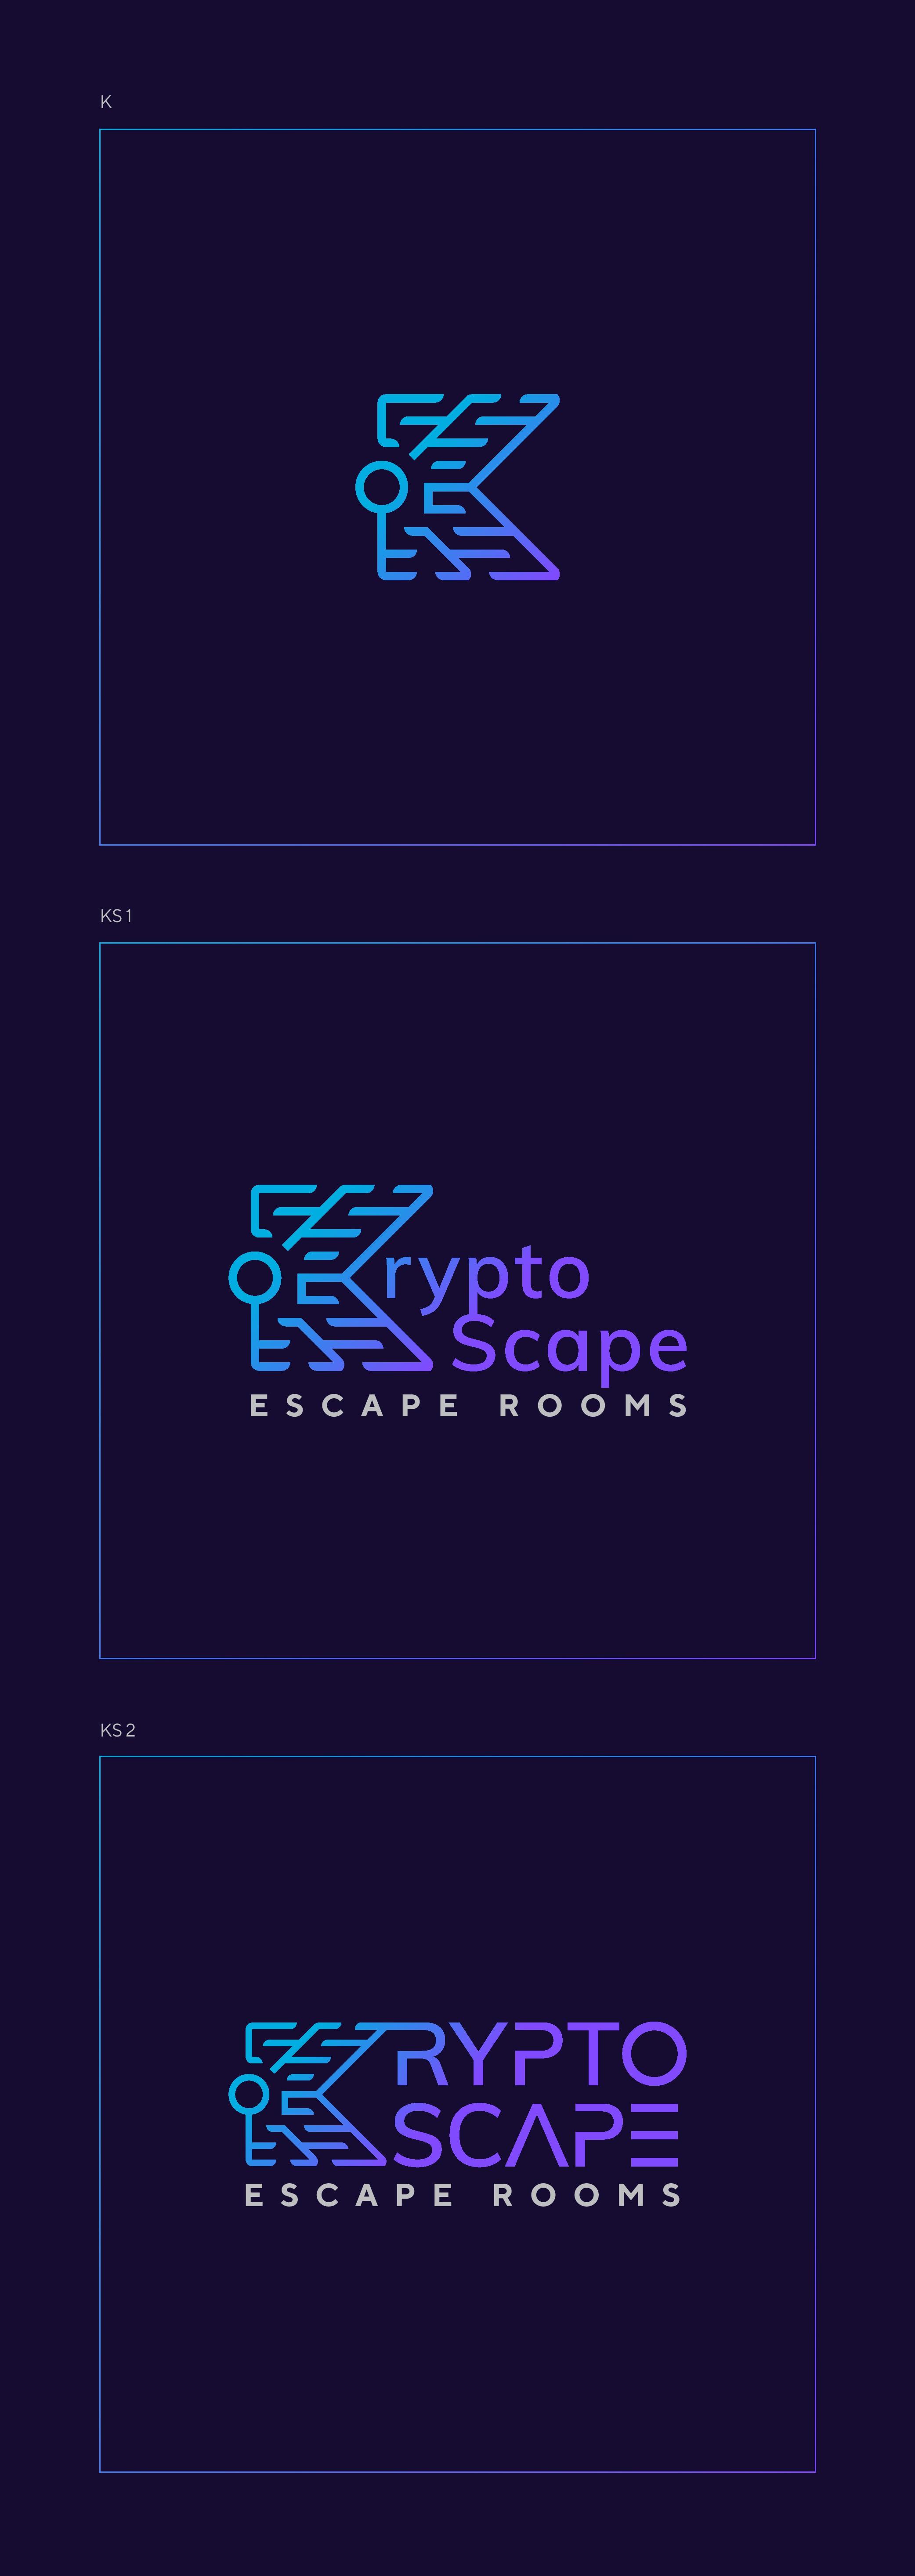 Logo Design for NEW Escape Room Business